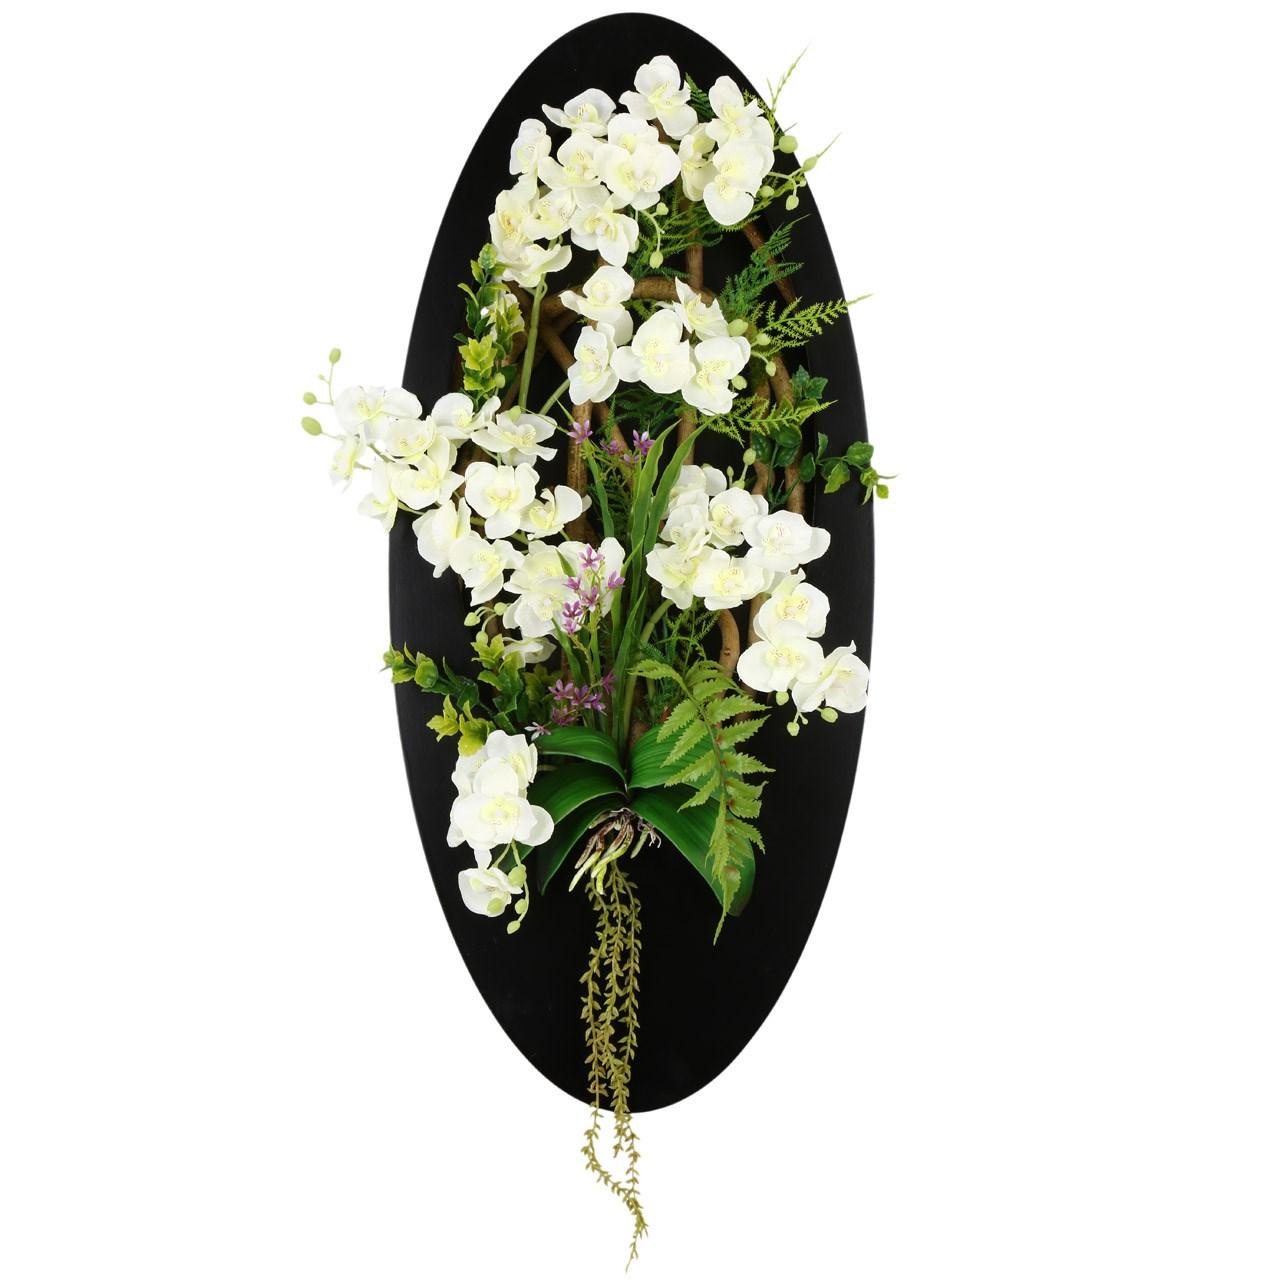 تابلو گل مصنوعی هومز طرح ارکیده مدل 30562